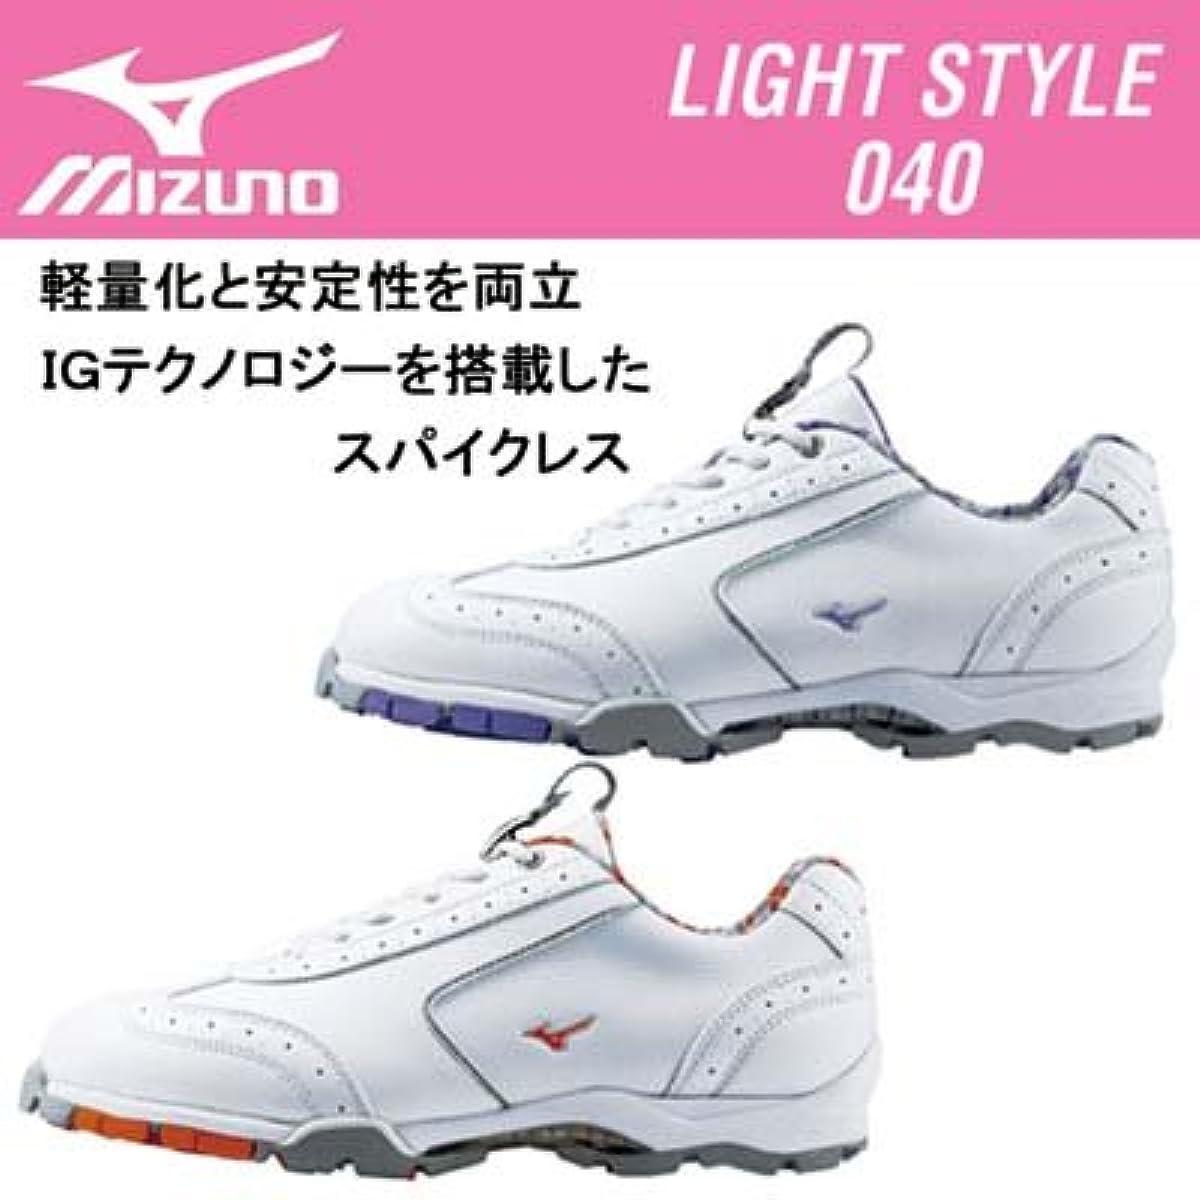 [해외] (미즈노) MIZUNO 라이트 스타일040레이디스 골프 슈즈[45KW-040] (Size:22.5cm(3E)|Color:54(화이트×오렌지))